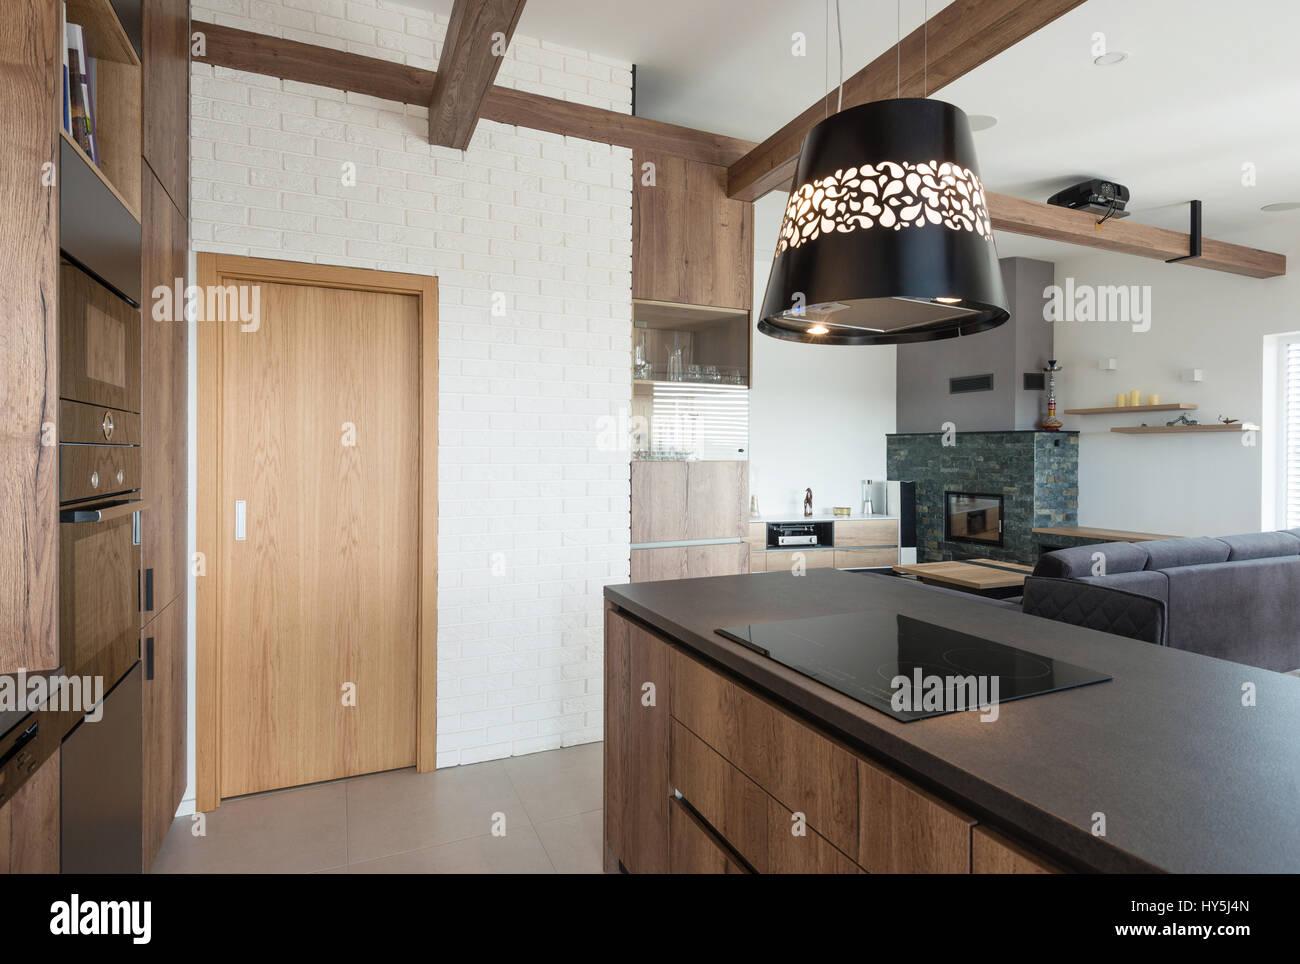 modernen haus gro er offener raum die k che mit wohnzimmer verbinden stockfoto bild. Black Bedroom Furniture Sets. Home Design Ideas